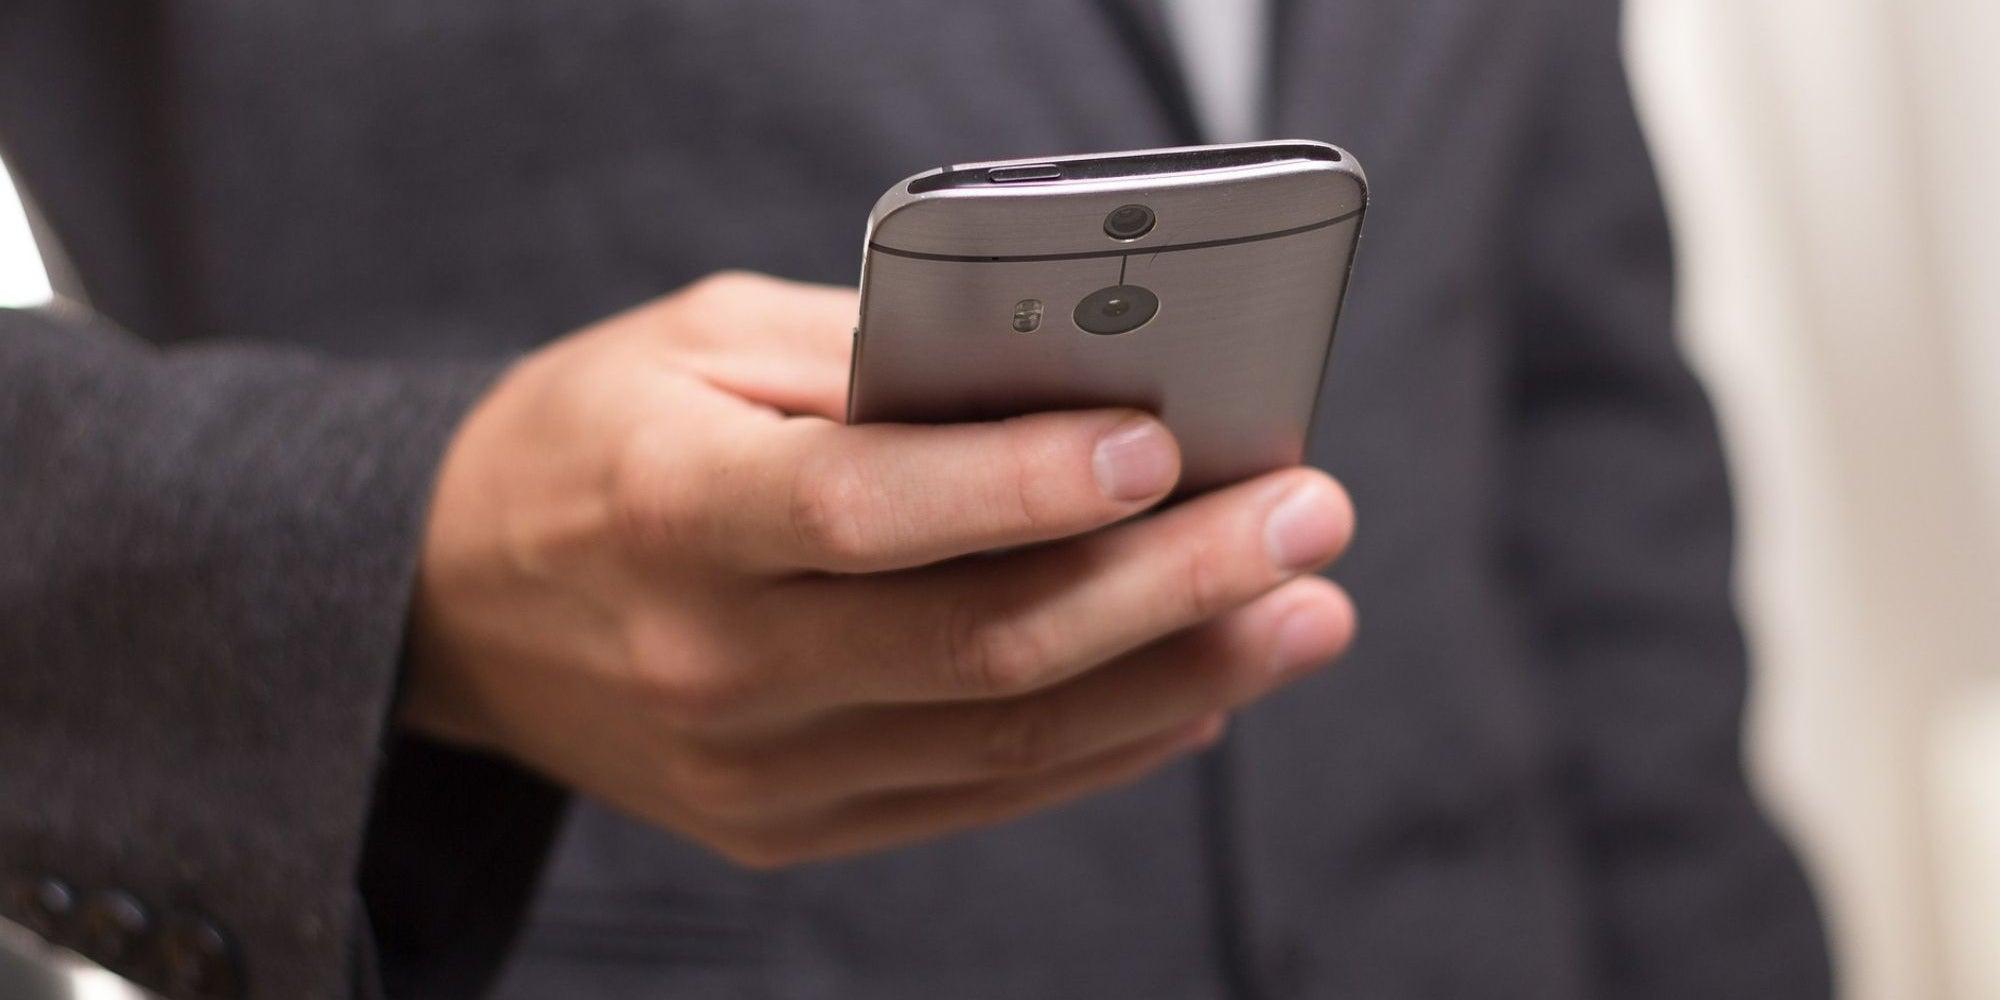 5 Super-Sleek Smartphones To Buy This October